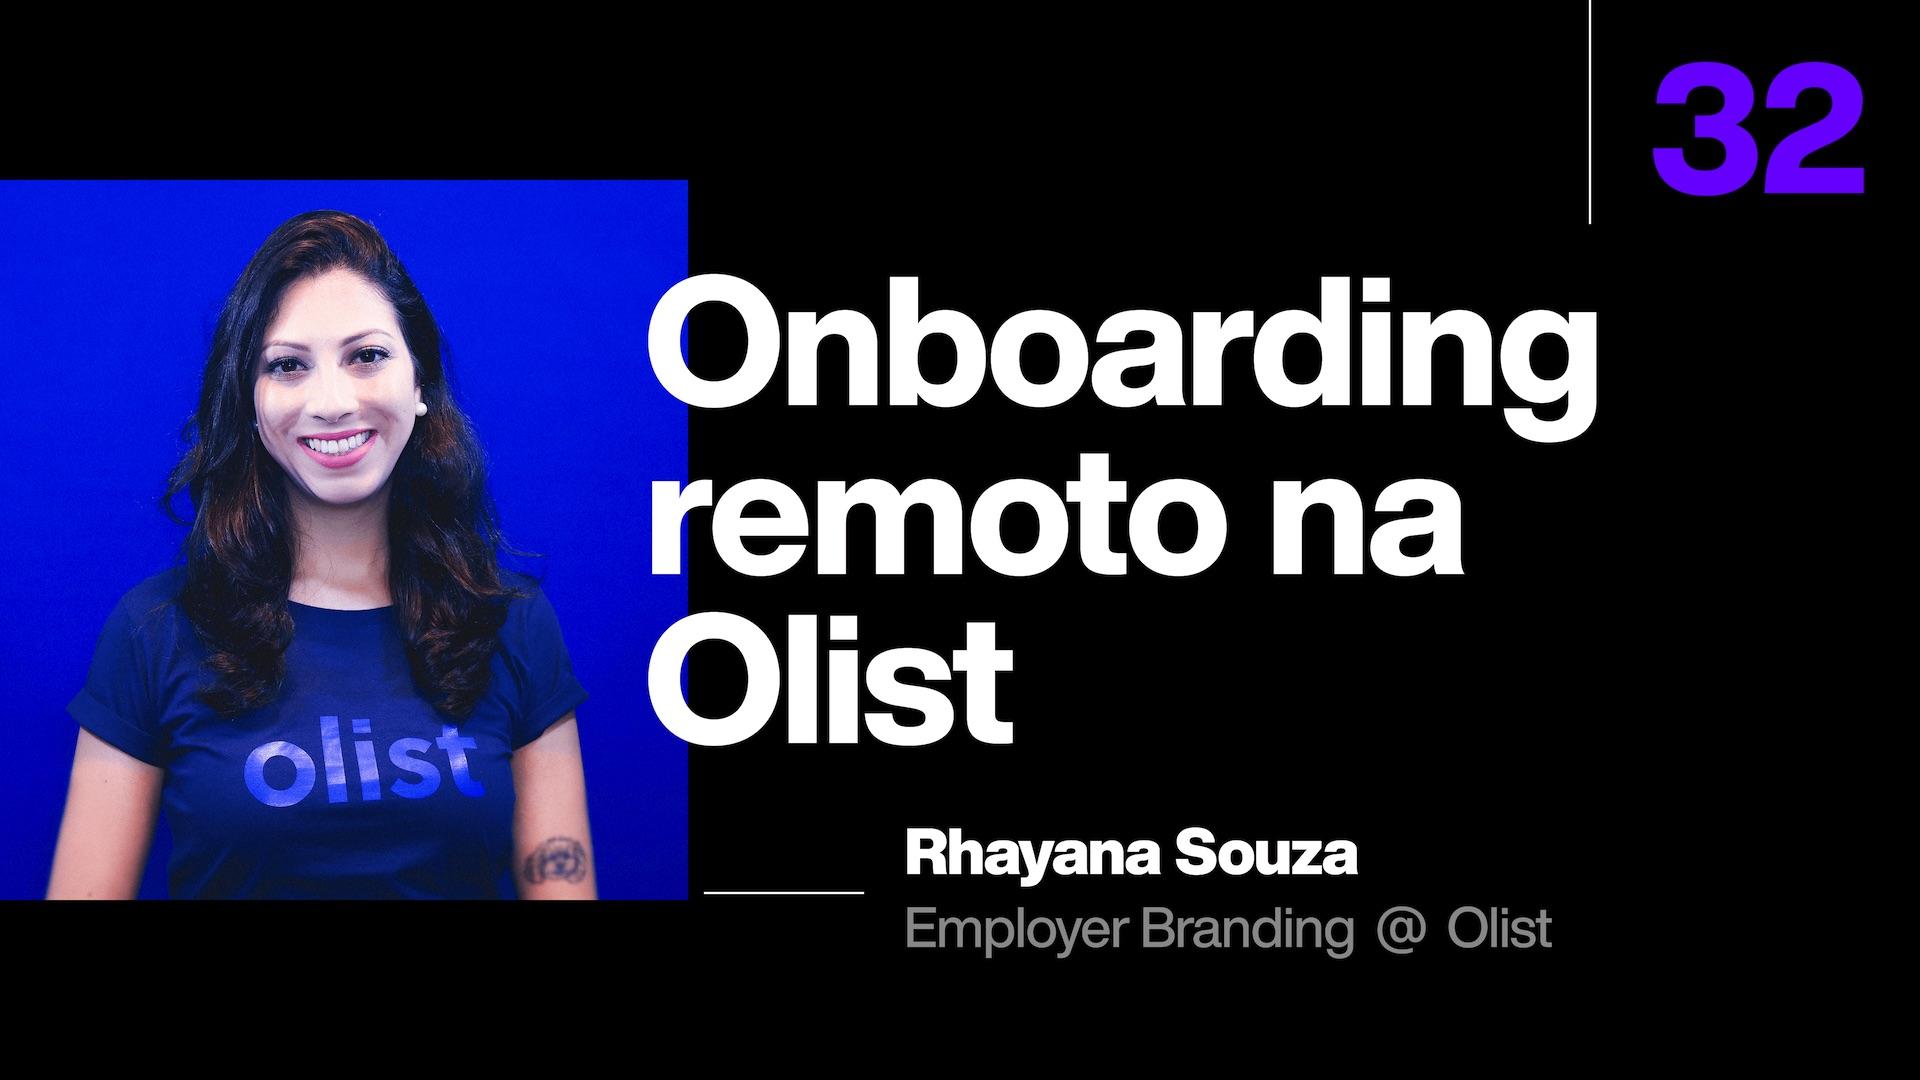 Onboarding remoto: Como receber e encantar novos colaboradores